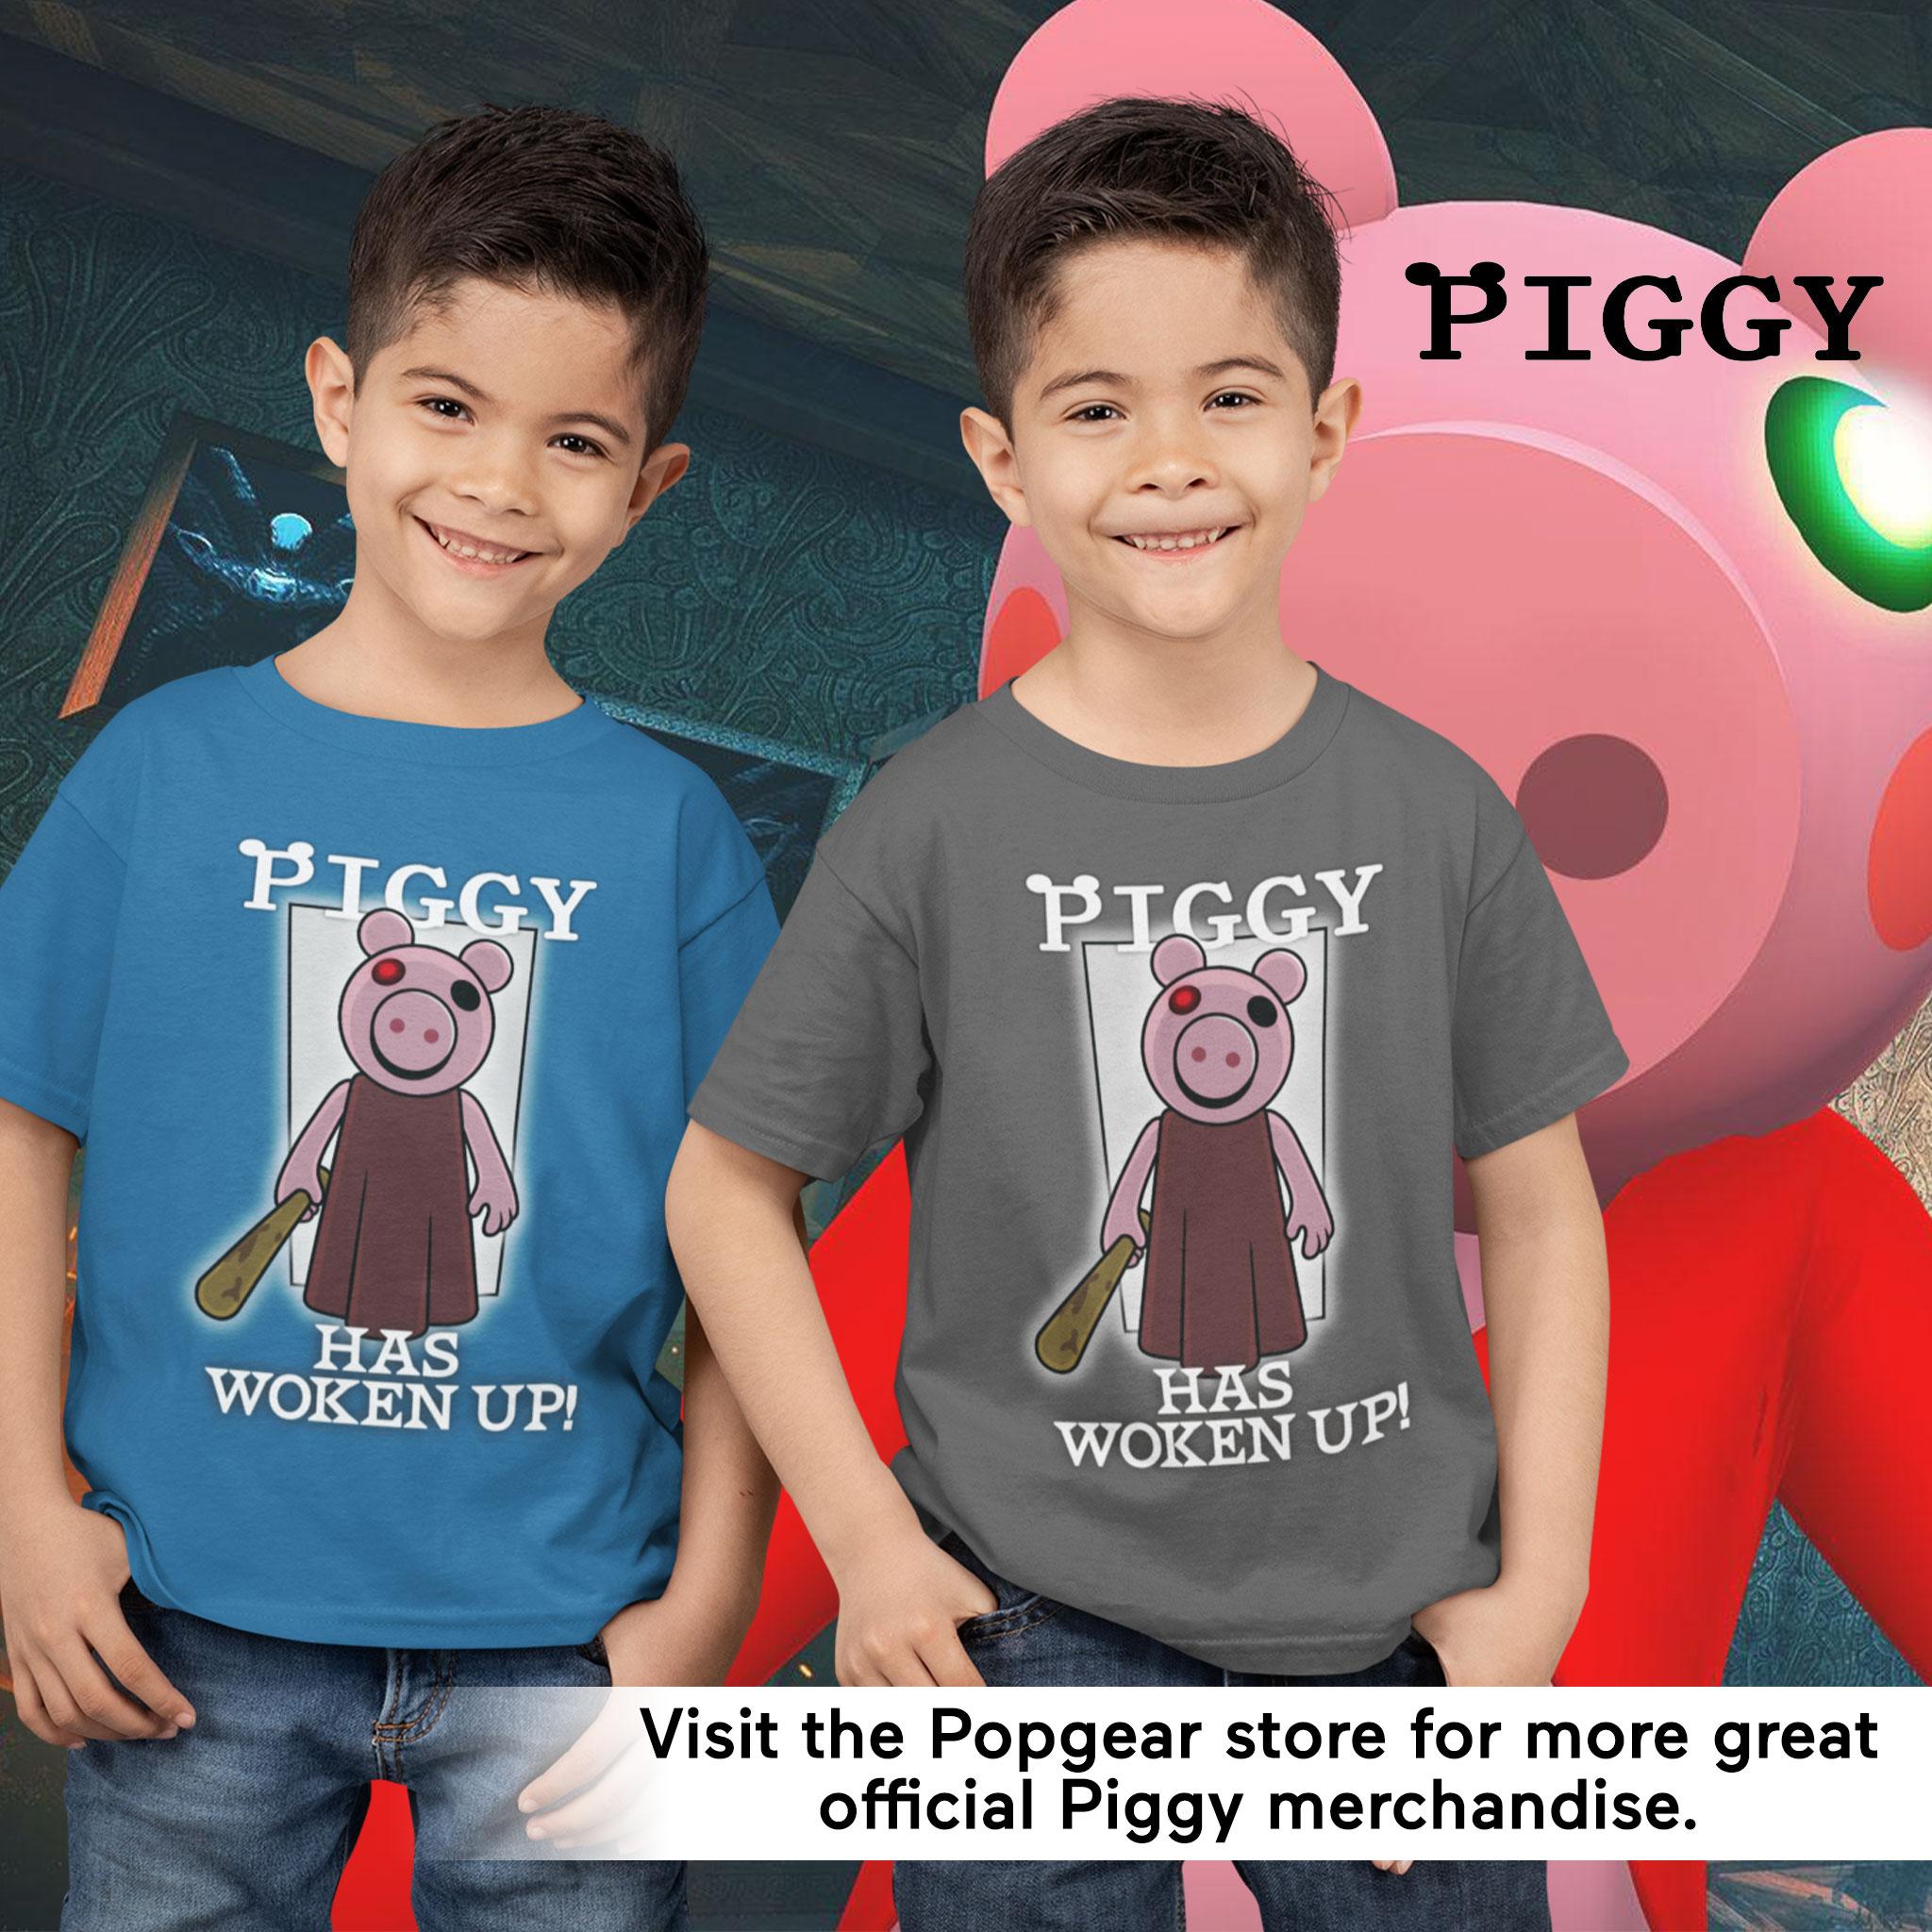 miniature 12 - Boys Piggy T Shirt Has Woken Up Official